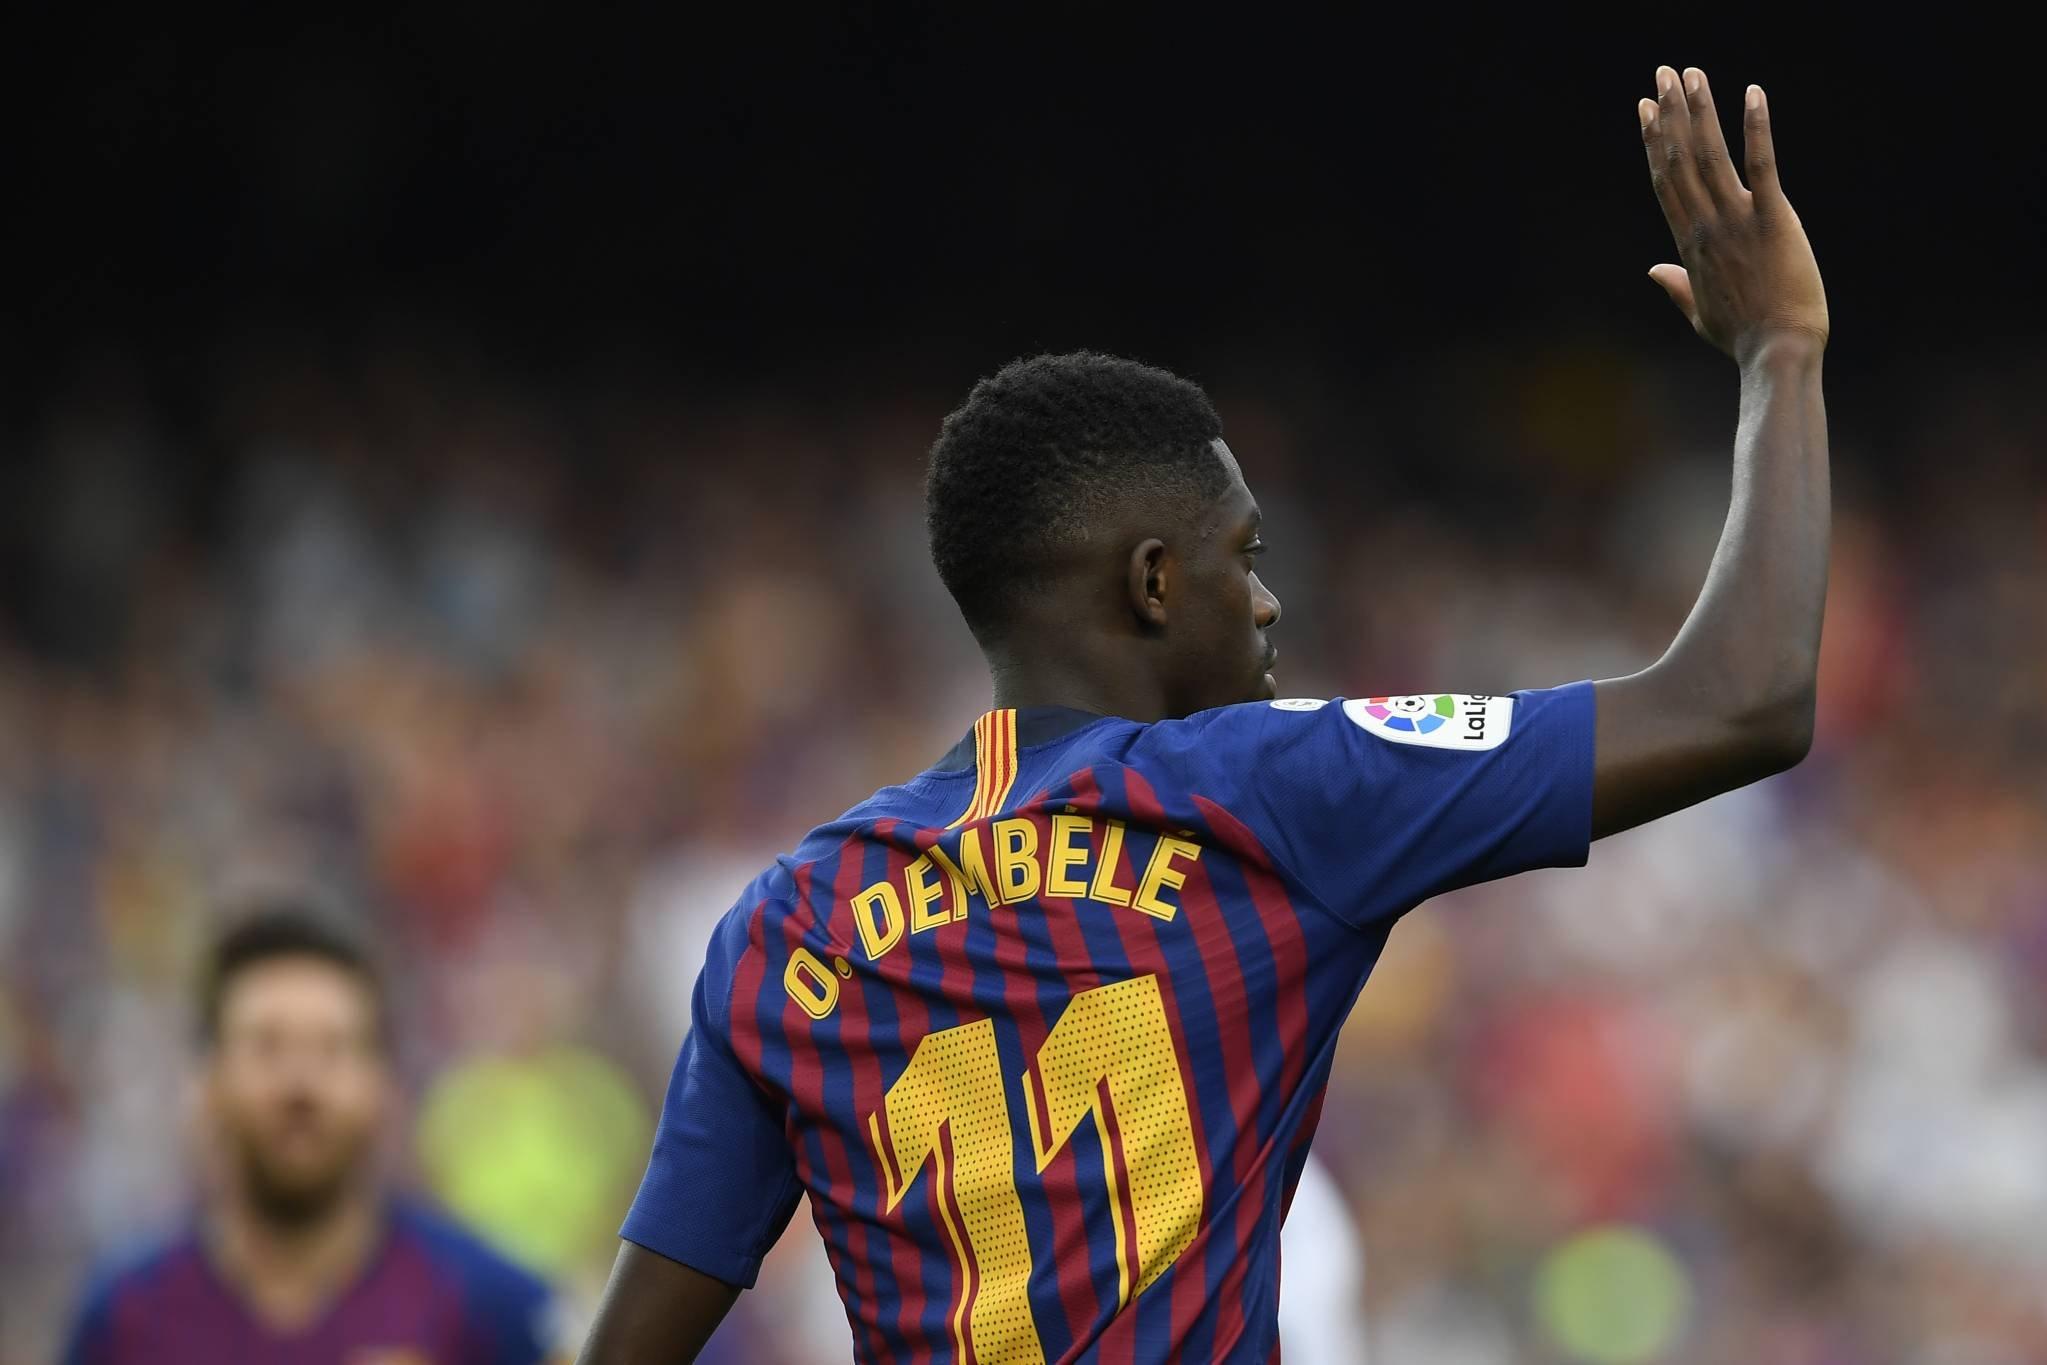 برشلونة يطعن على عقوبة ديمبلي